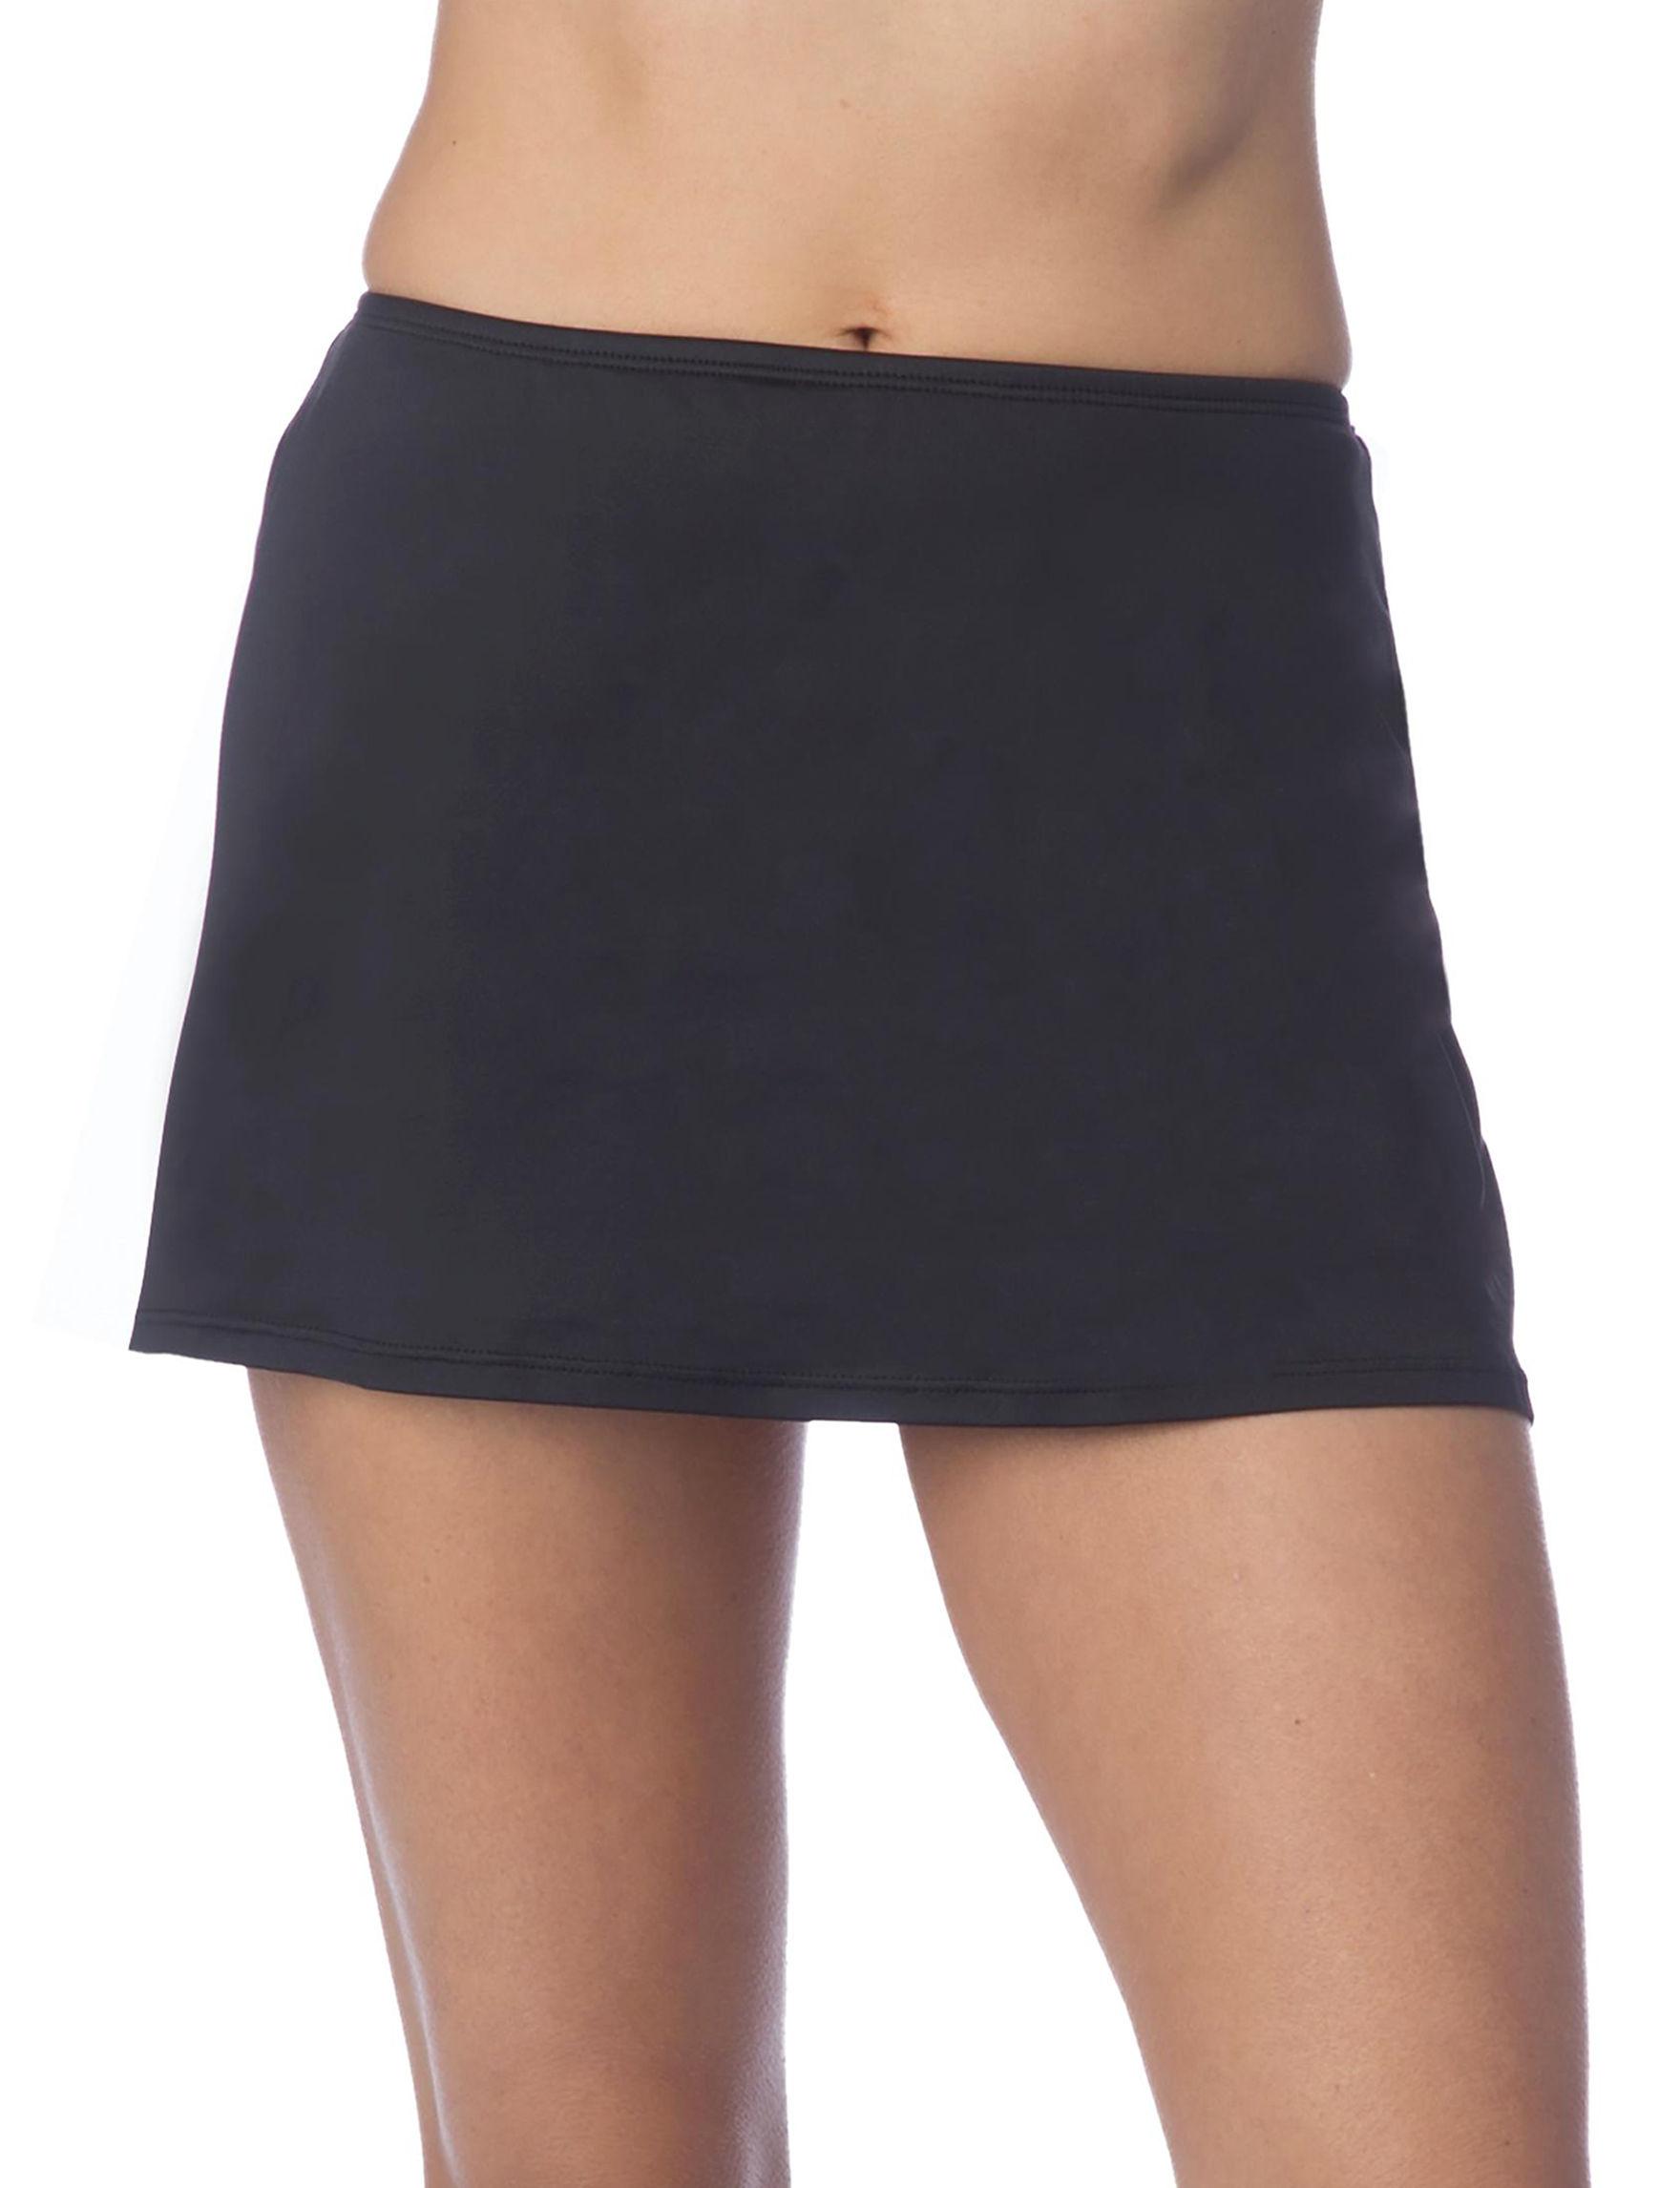 Ocean Avenue Black Swimsuit Bottoms Skirtini